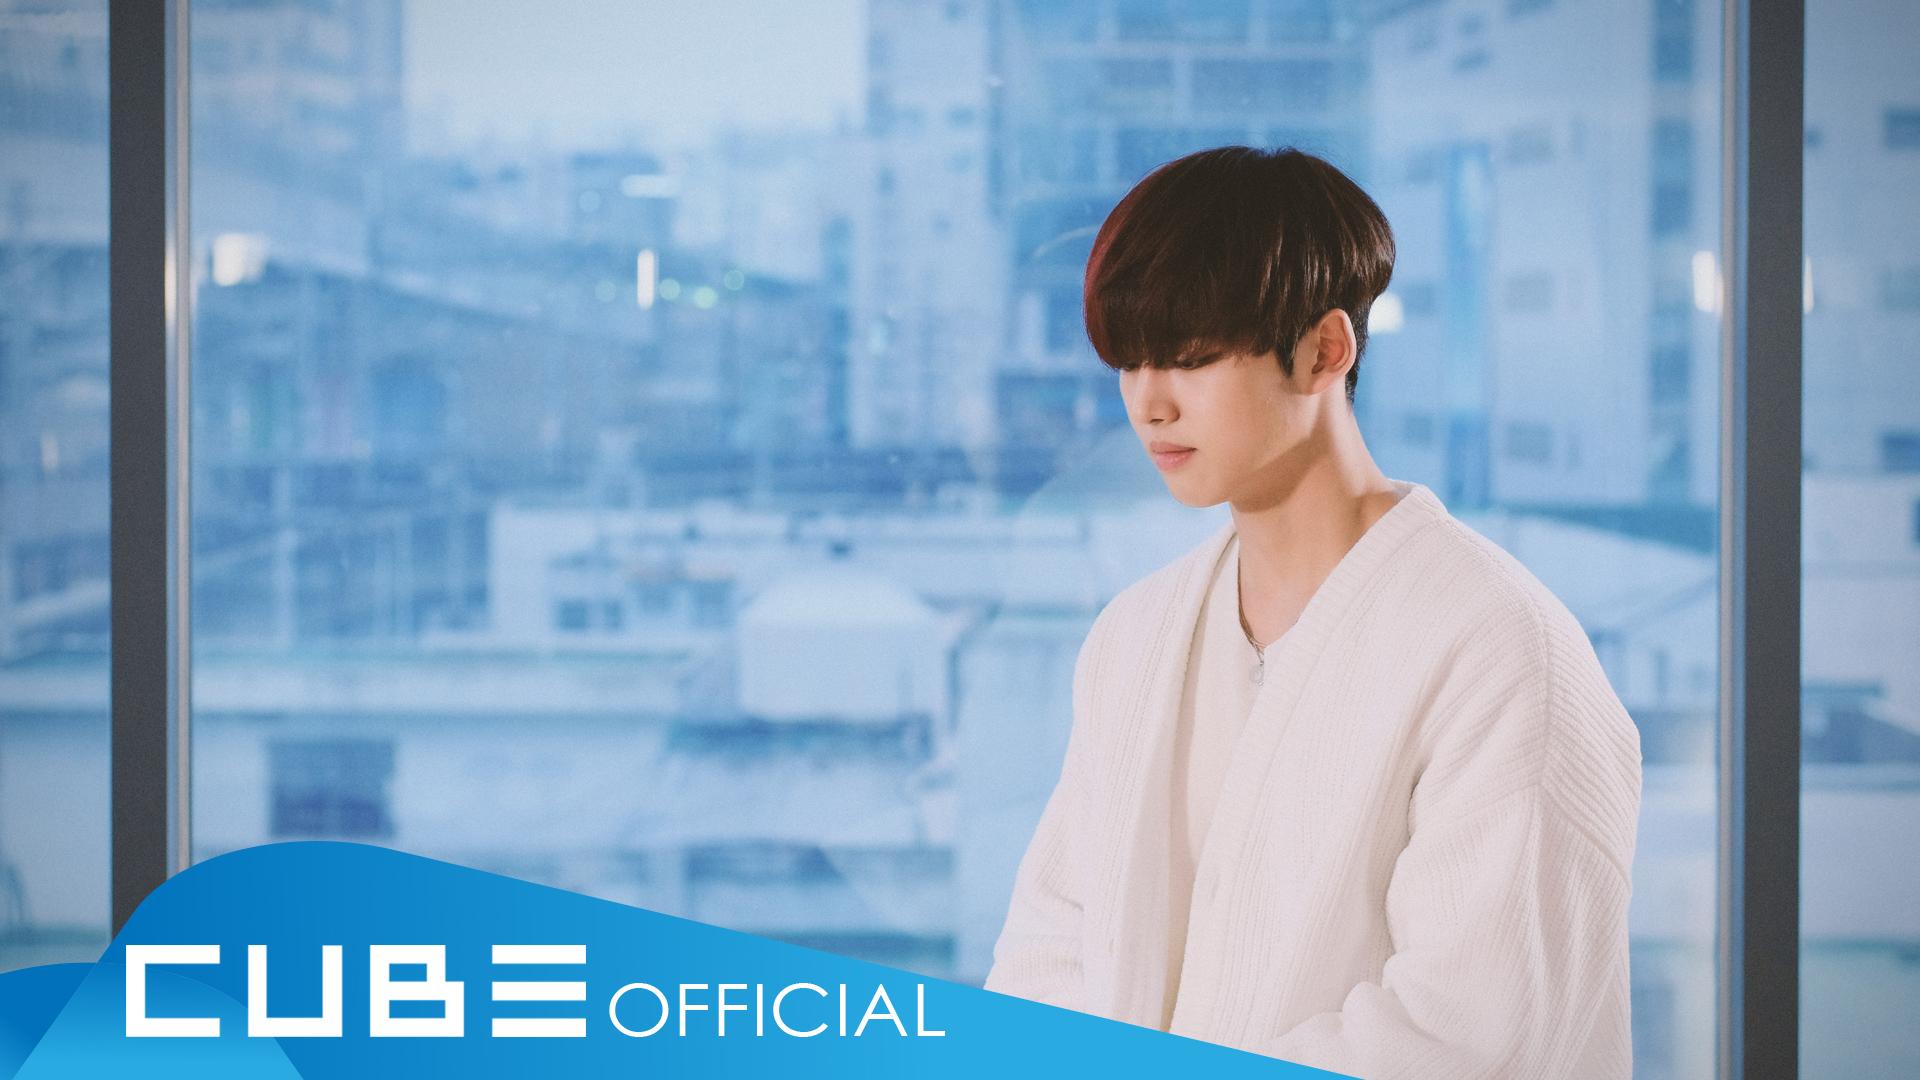 홍석 - '너를 사랑하고 있어 (낭만닥터 김사부 2 OST) / 백현' (Cover)